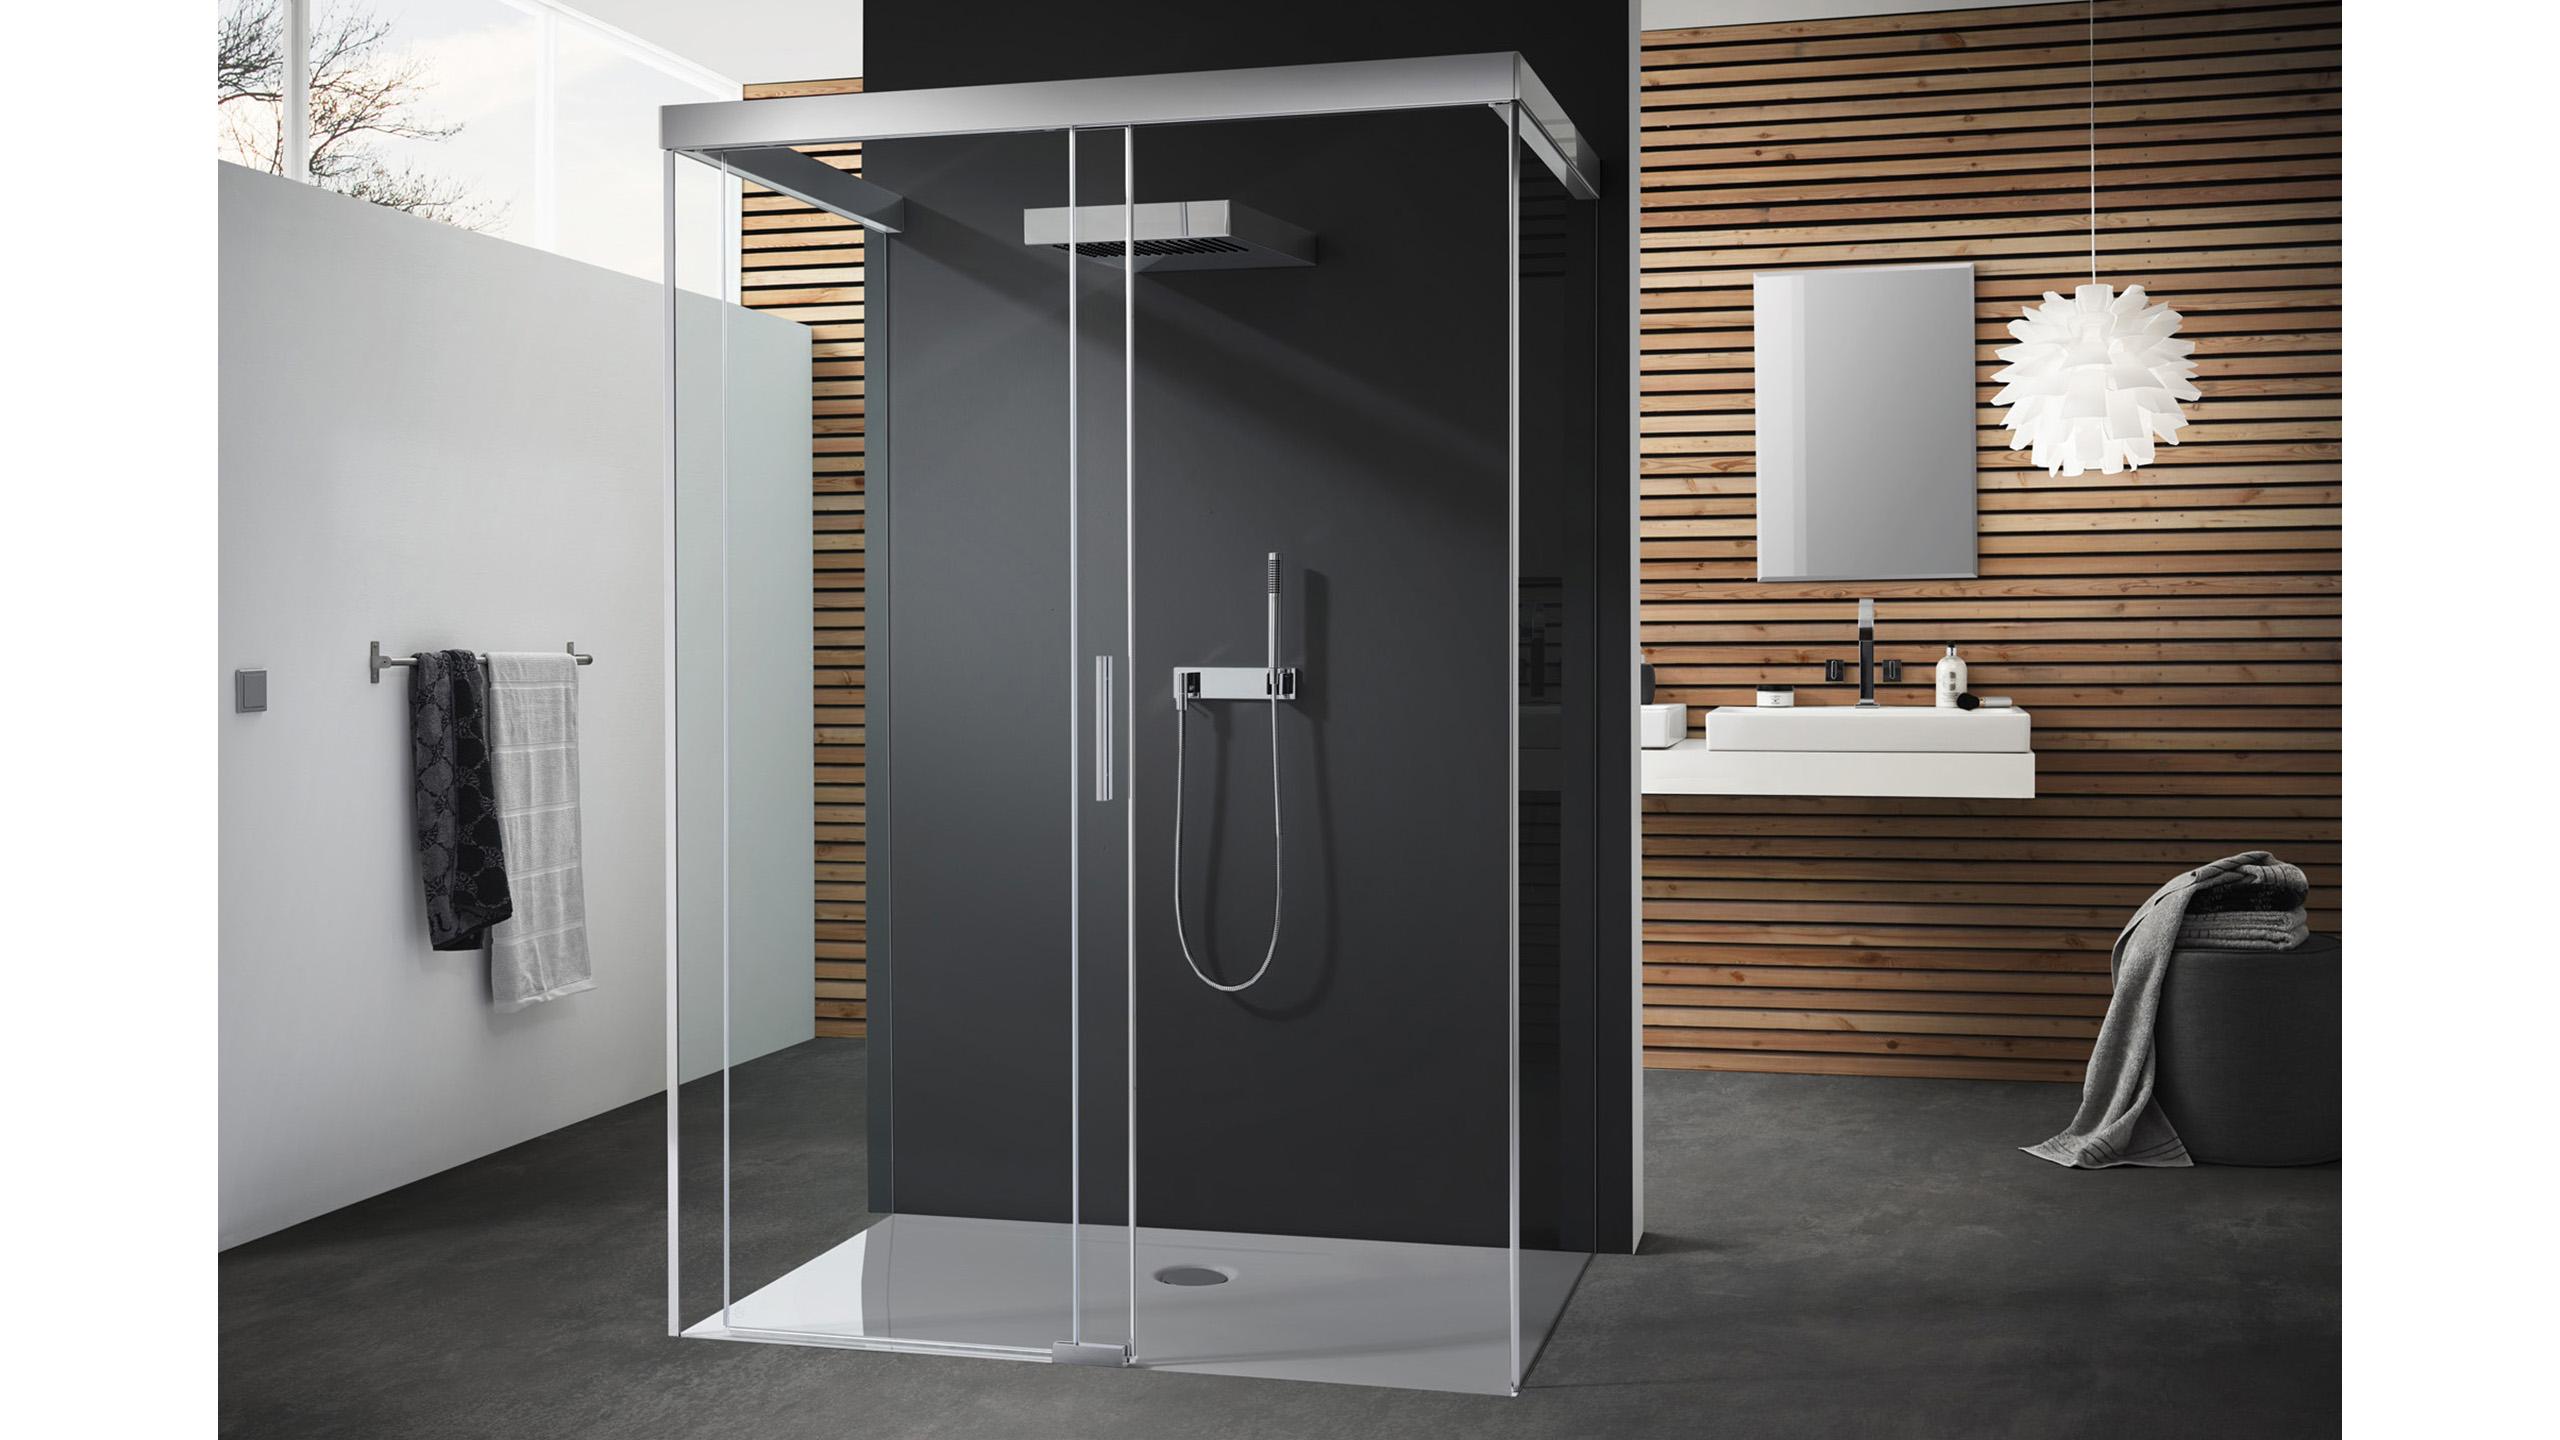 Full Size of Bodengleiche Dusche Nischentür Walkin Fliesen Bluetooth Lautsprecher Begehbare Mischbatterie Bodenebene Badewanne 80x80 Glastrennwand Duschen Bodengleich Dusche Bodengleiche Dusche